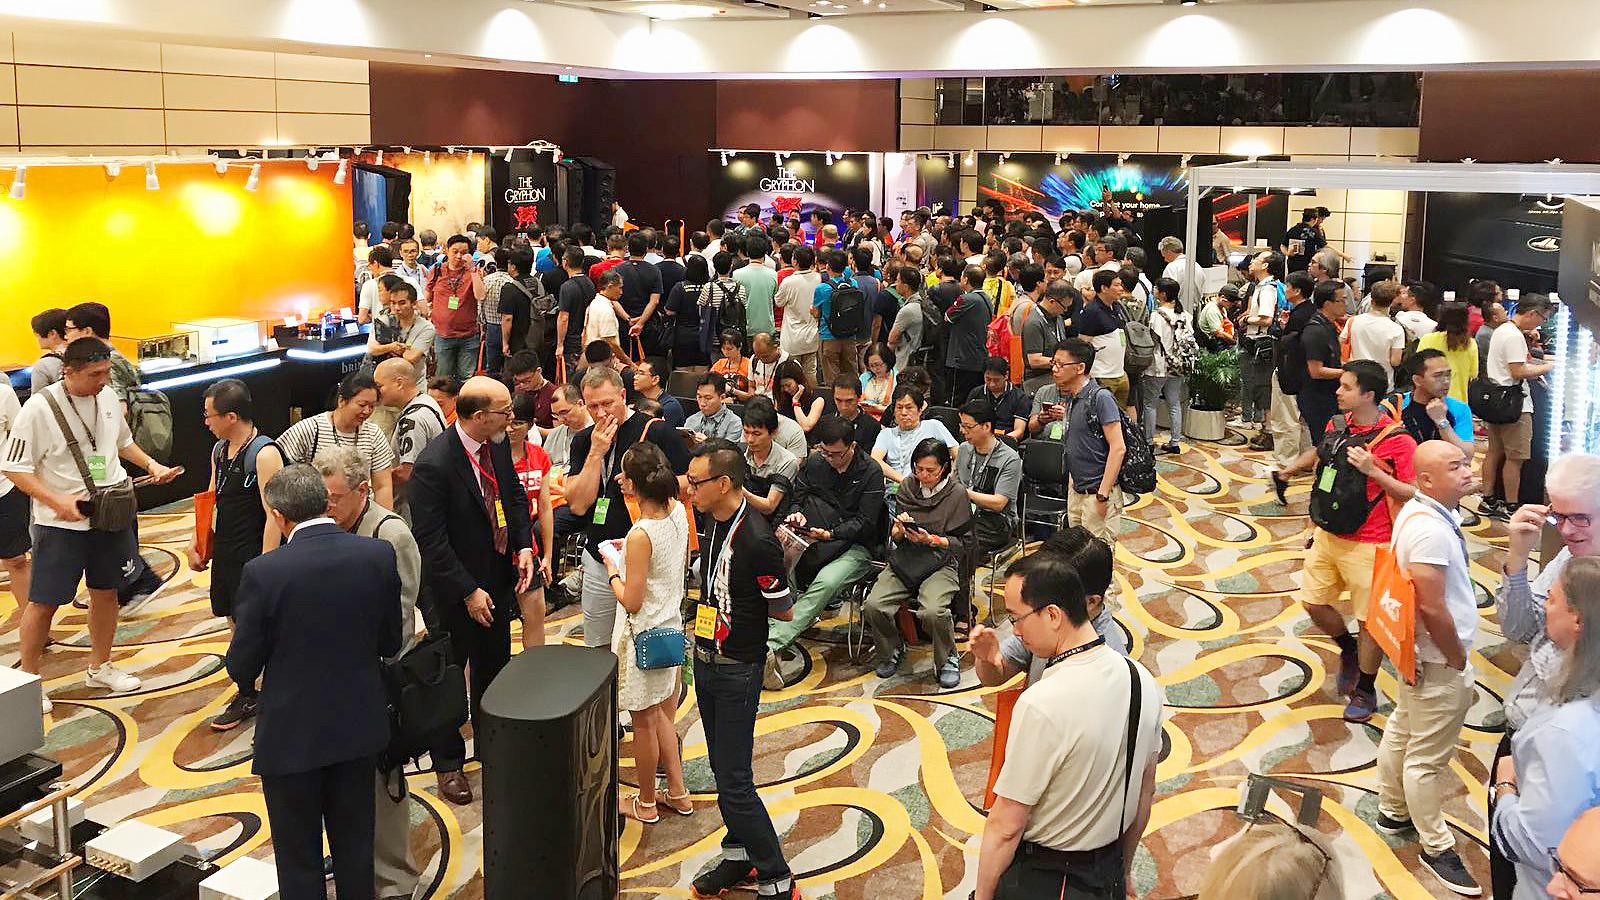 2017 hk av show pix for nordost 11